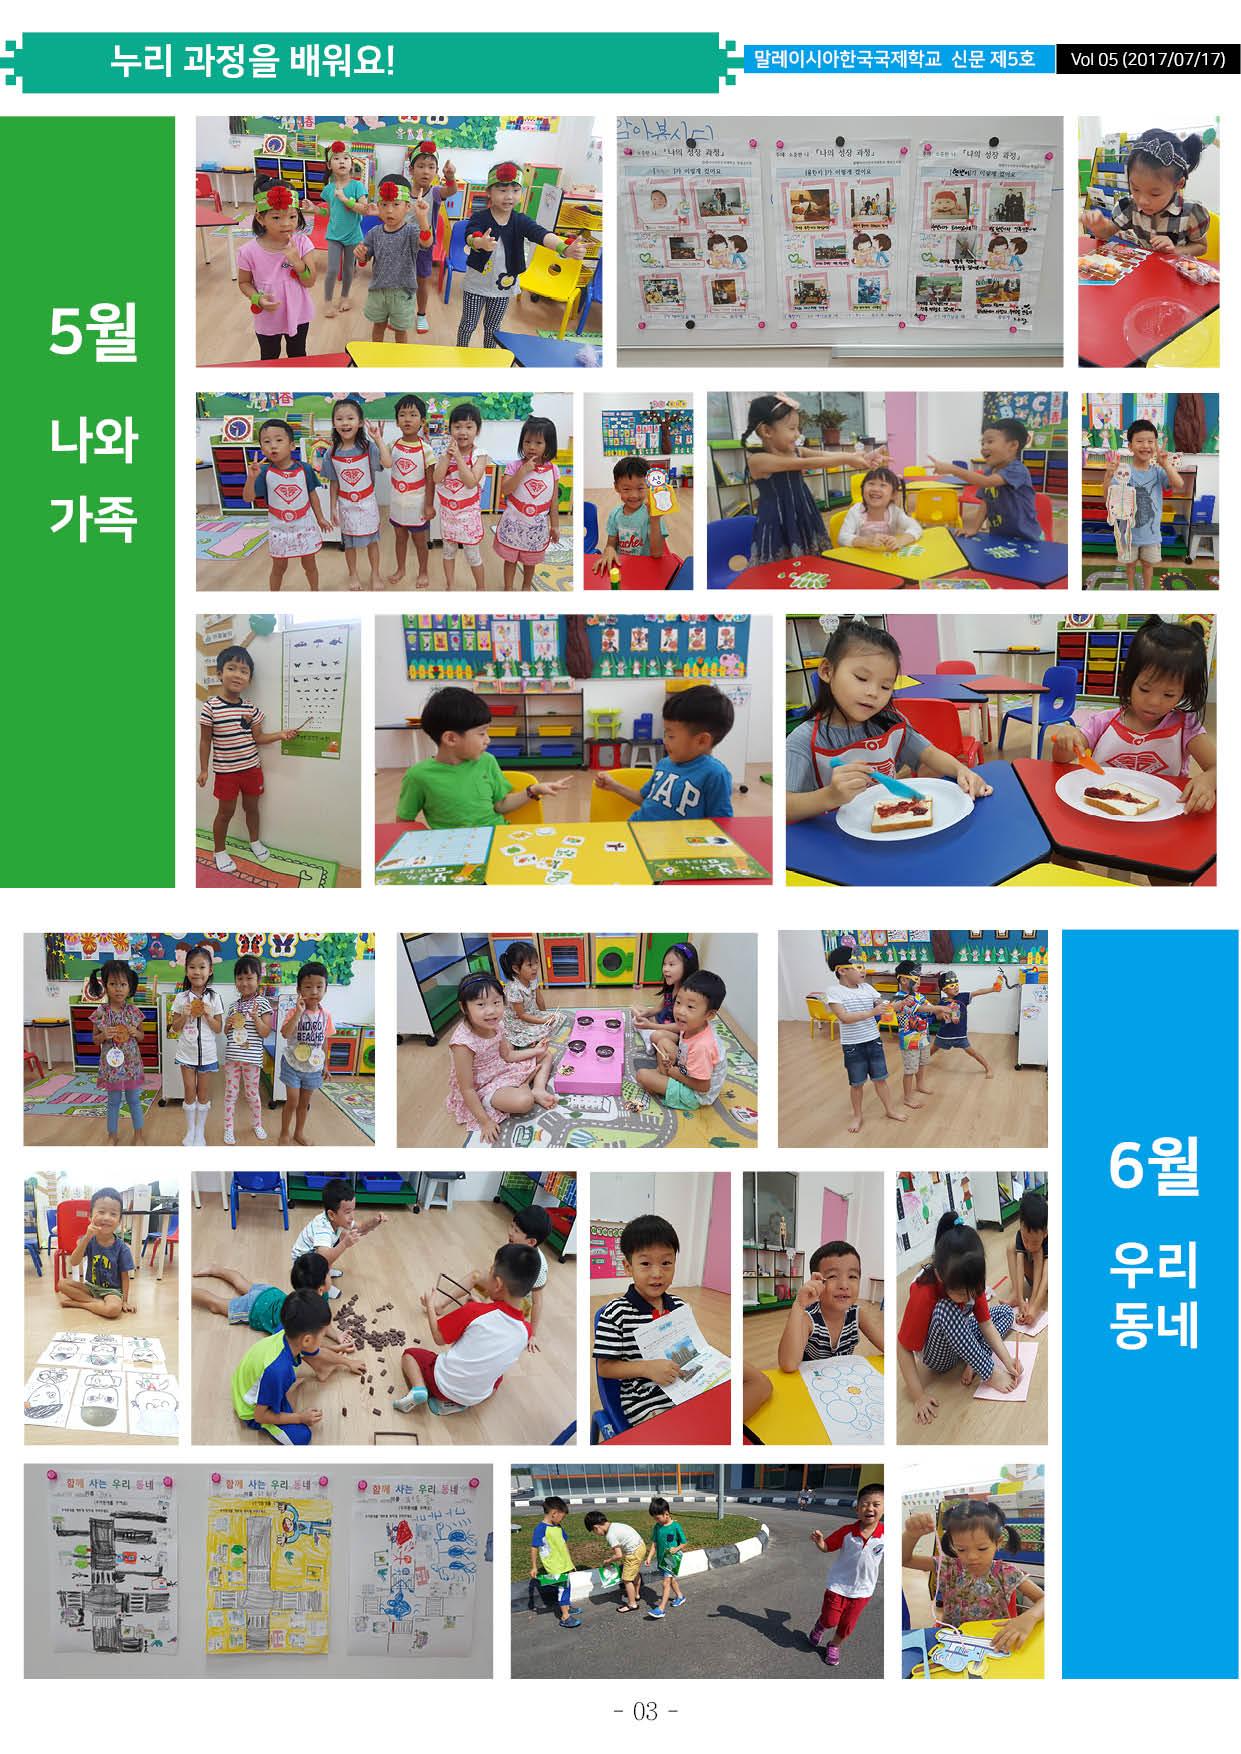 KSMY News Vol 05_3.jpg